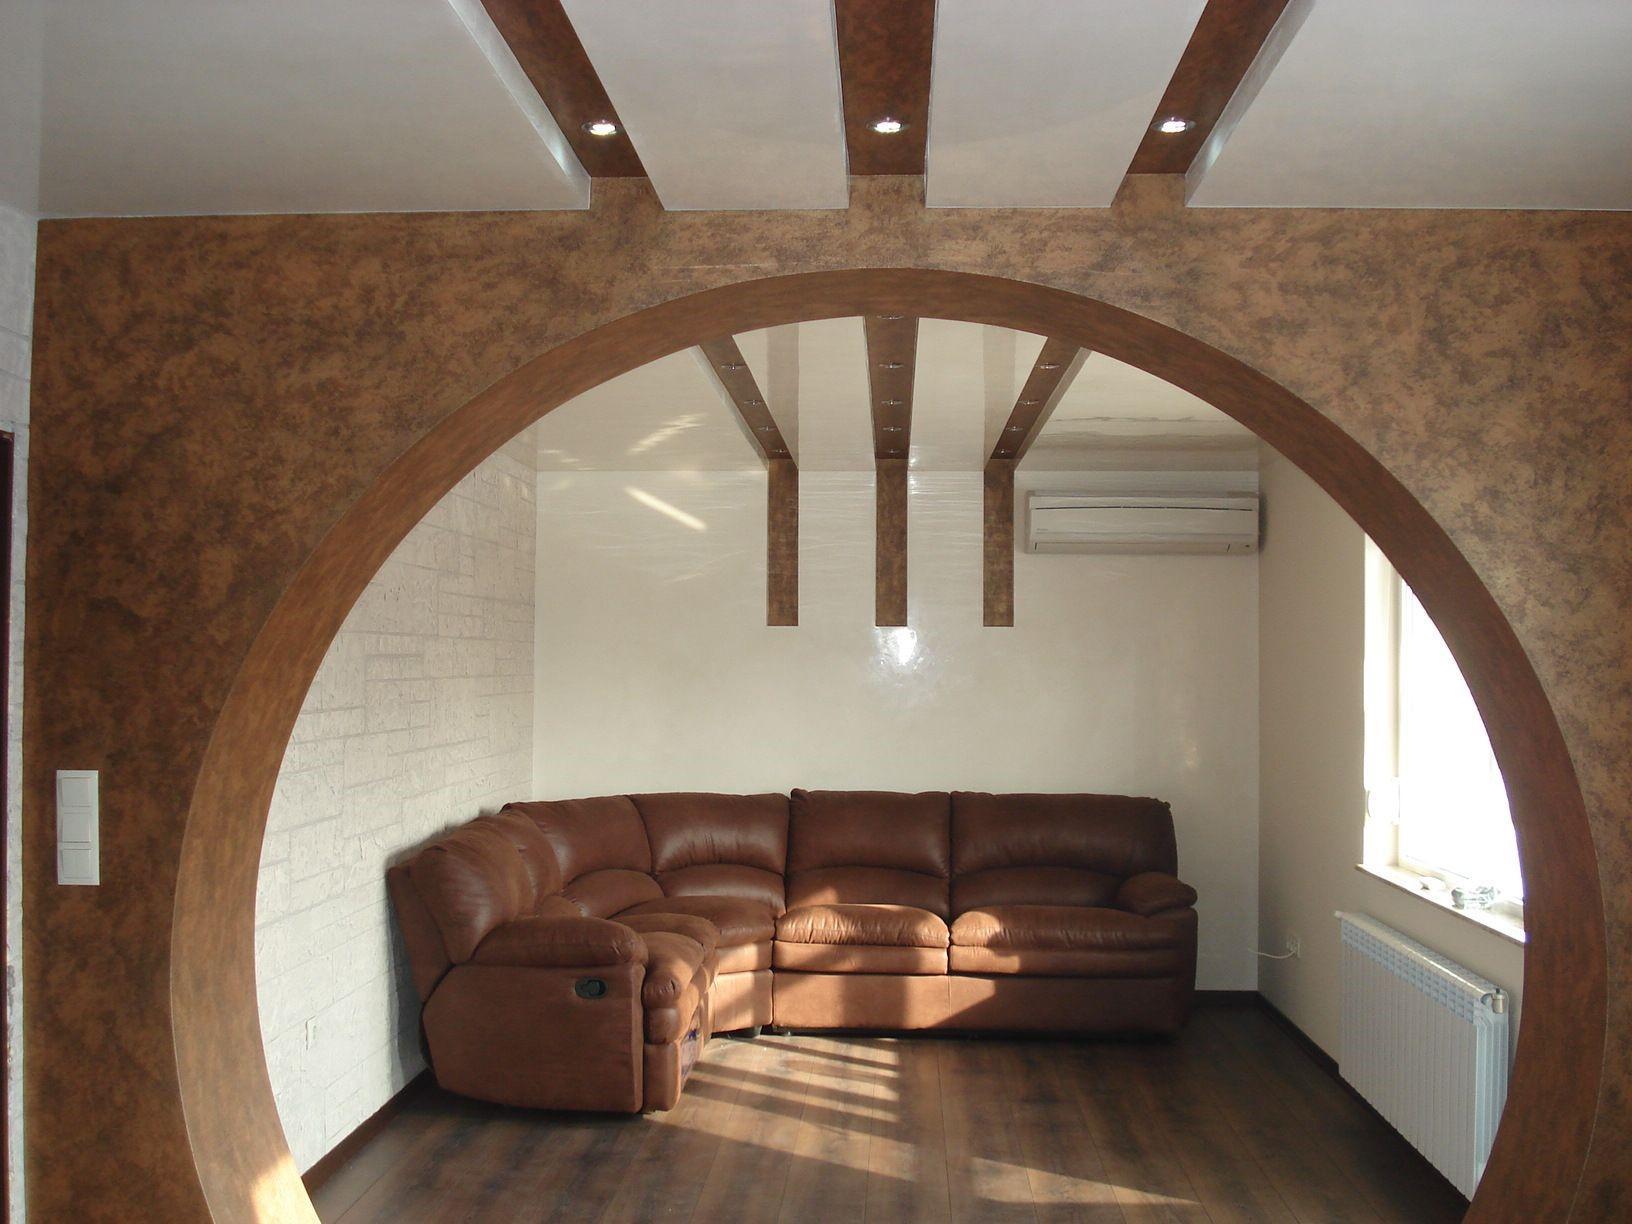 Криволинейная арка из гипсокартона